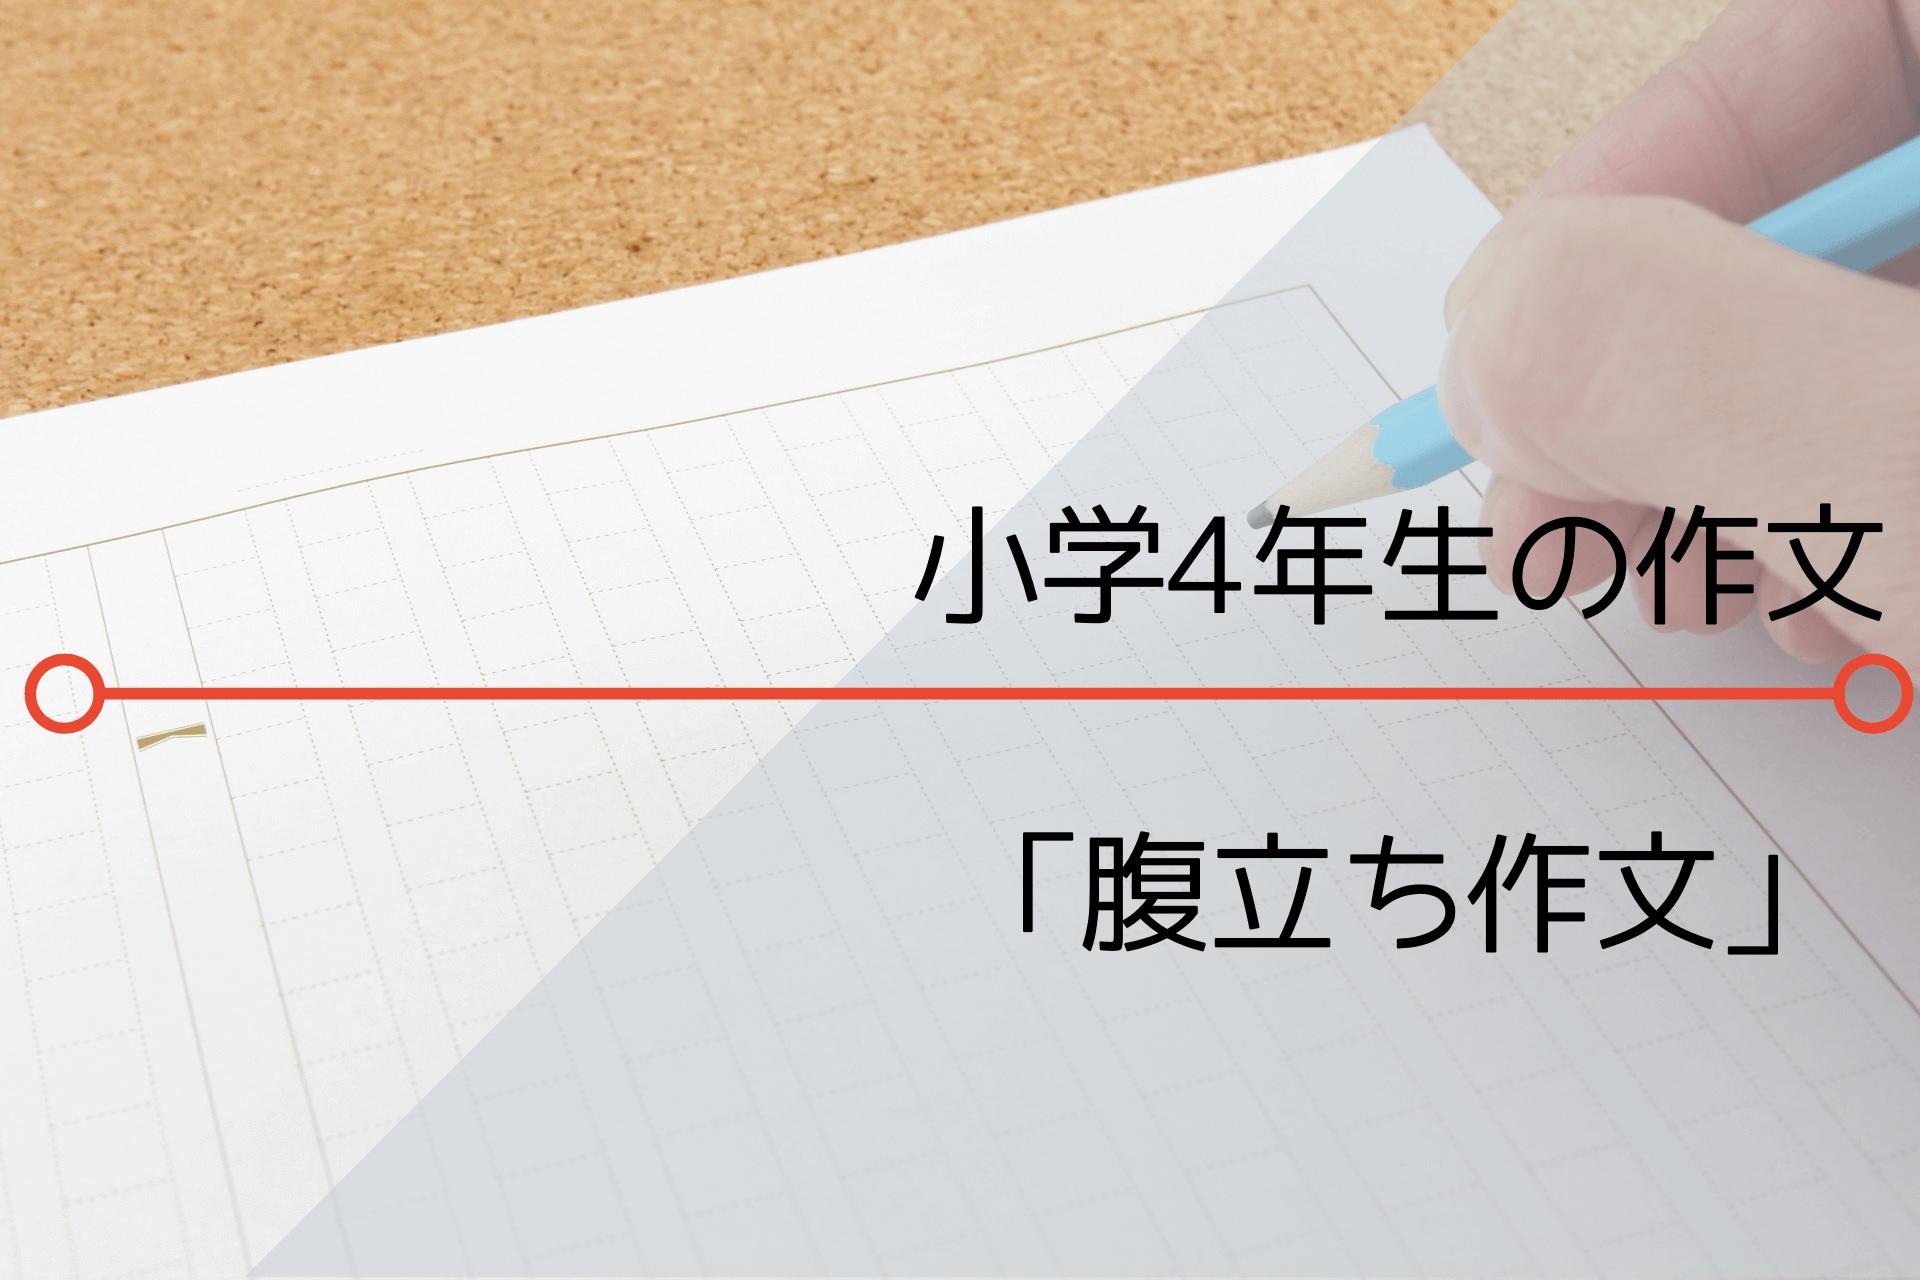 小学4年生の作文 「腹立ち作文」 (1)